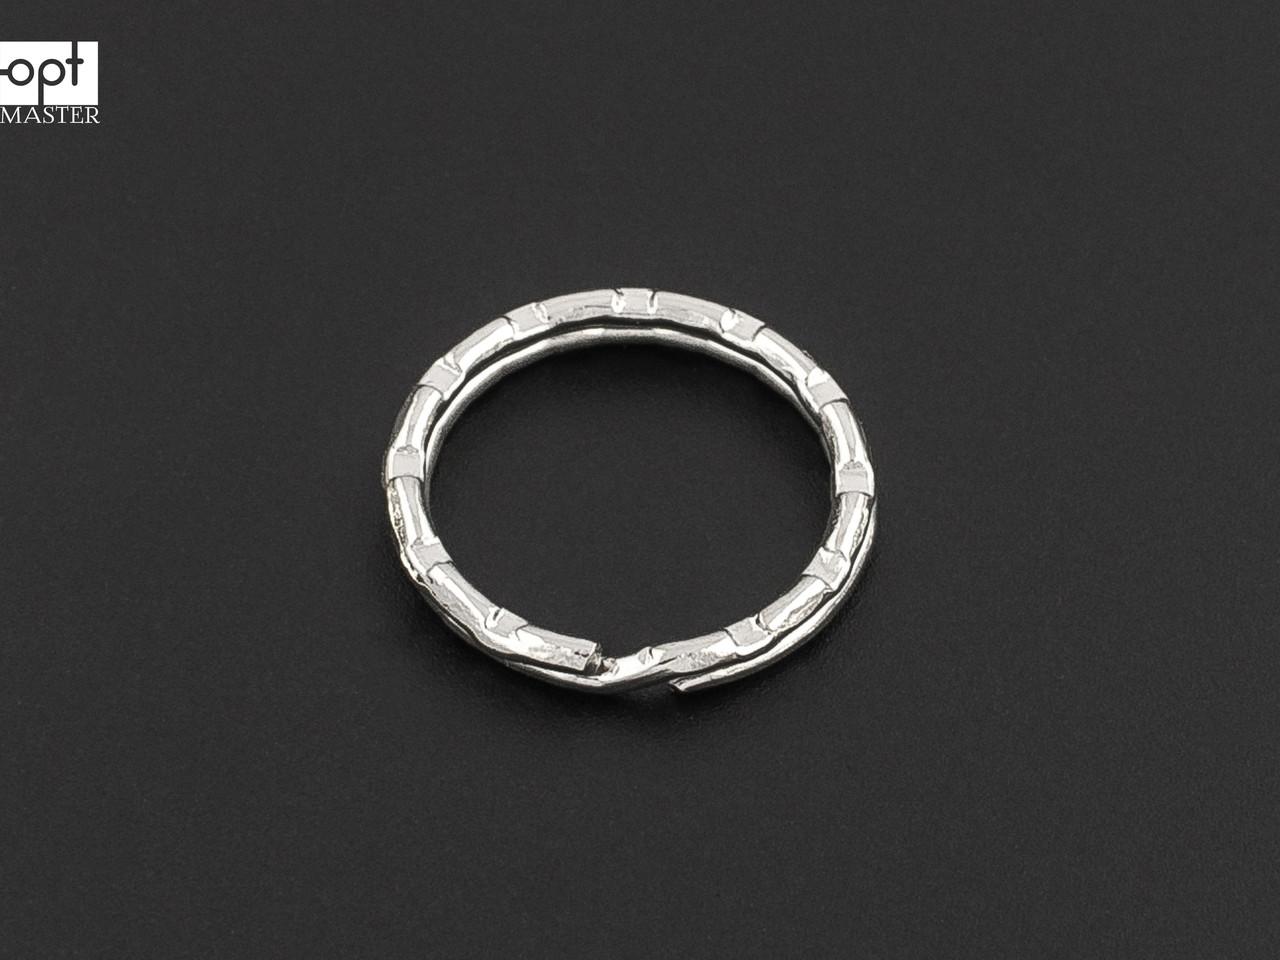 Кольцо для ключей рифлёное, d=20 мм